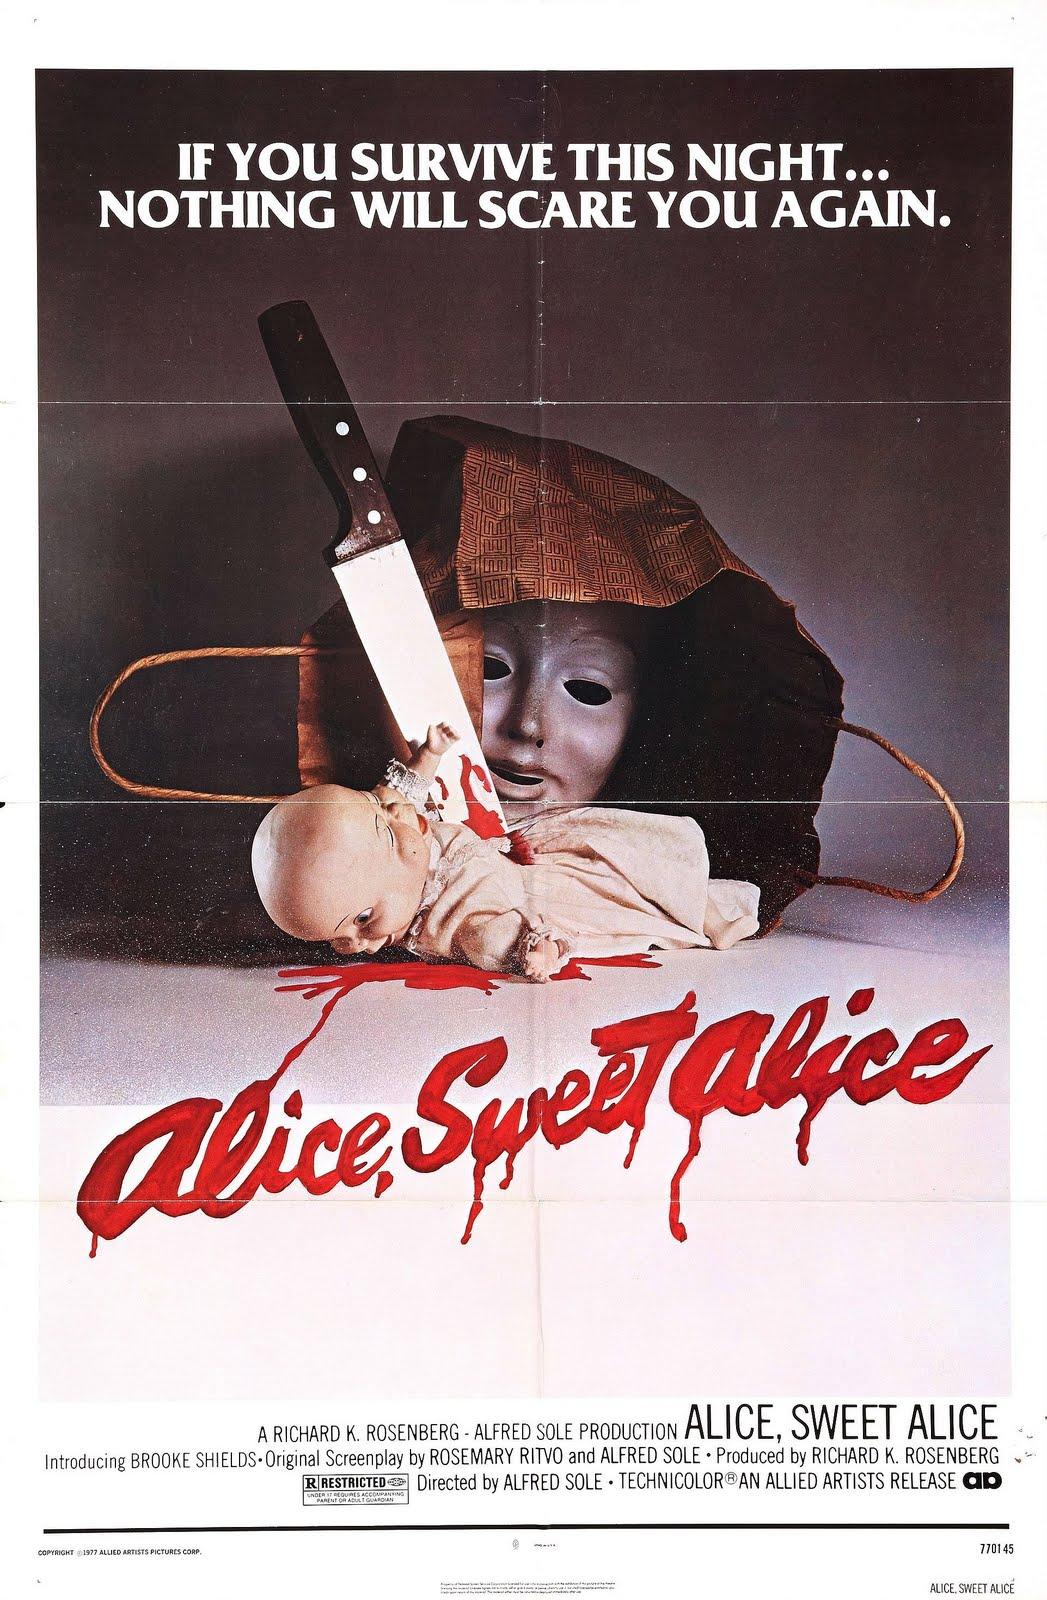 http://1.bp.blogspot.com/-Bh2hdIWpVjc/ToNRsut1RnI/AAAAAAAAAYQ/ix861s9Yv_E/s1600/alice_sweet_alice_poster_01.jpg